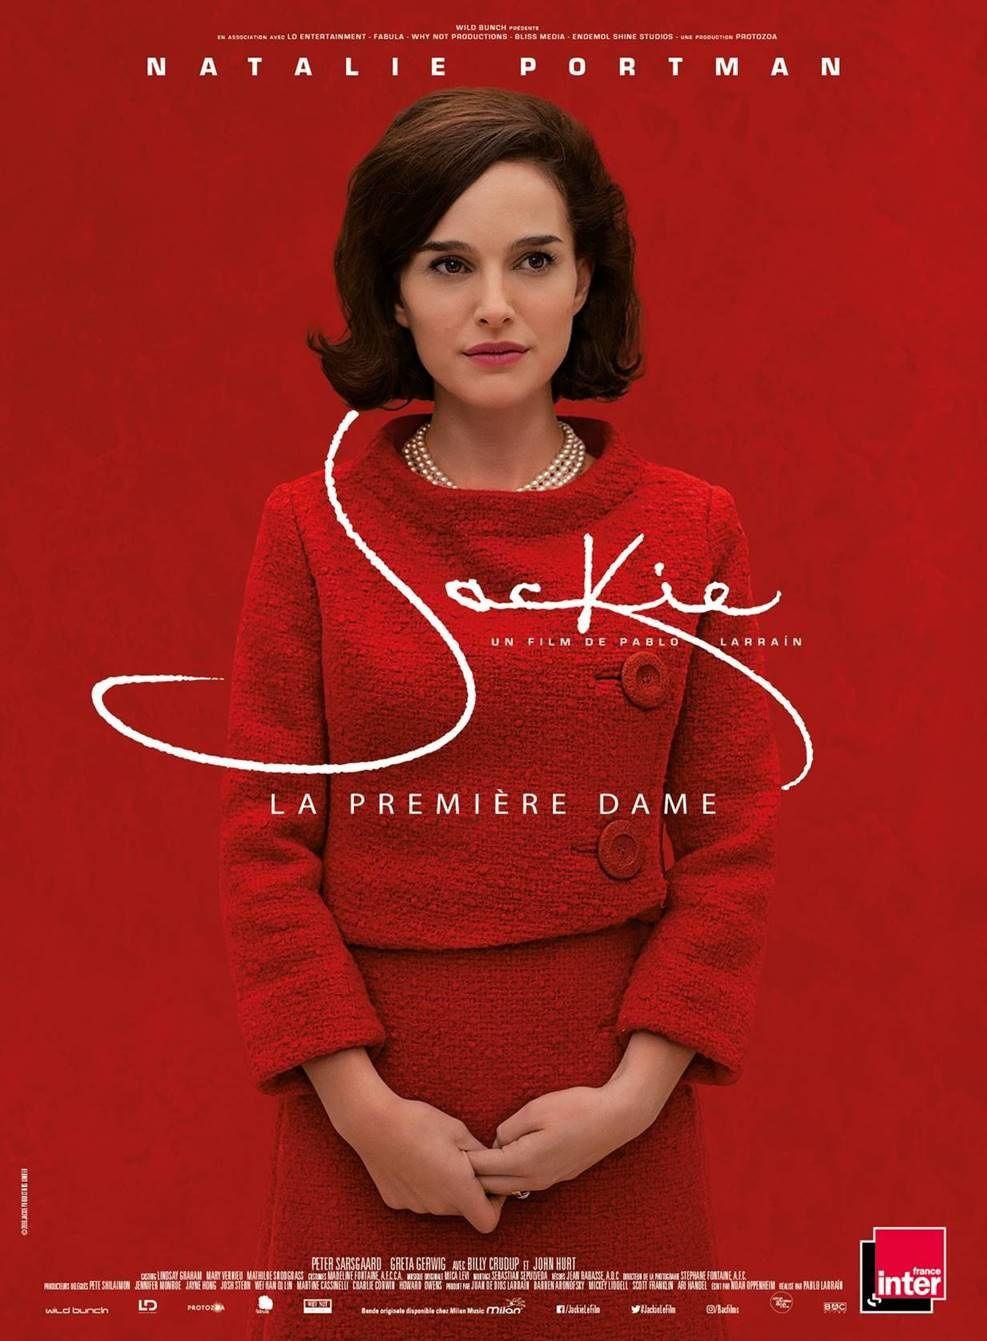 JACKIE - 4 visages de Jackie Kennedy à découvrir dans 4 extraits du film // Au cinéma le 1er février 2017 !